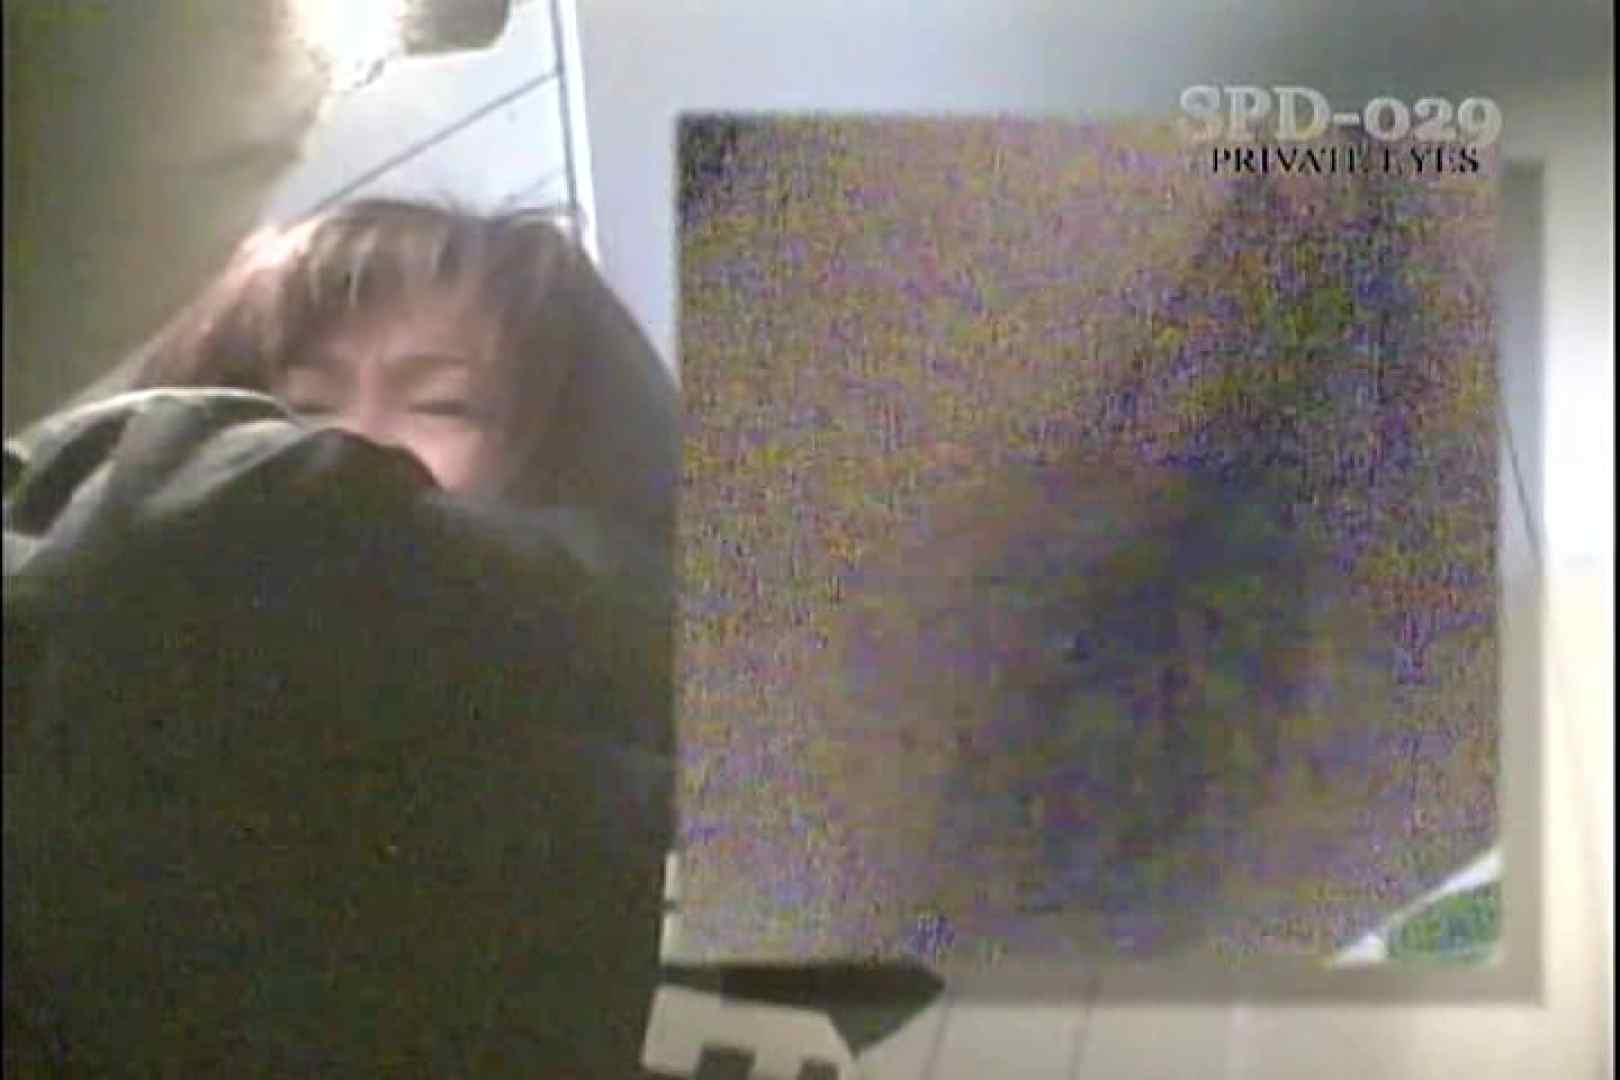 高画質版!SPD-029 和式厠 モリモリスペシャル プライベート | 厠・・・  87PIX 51